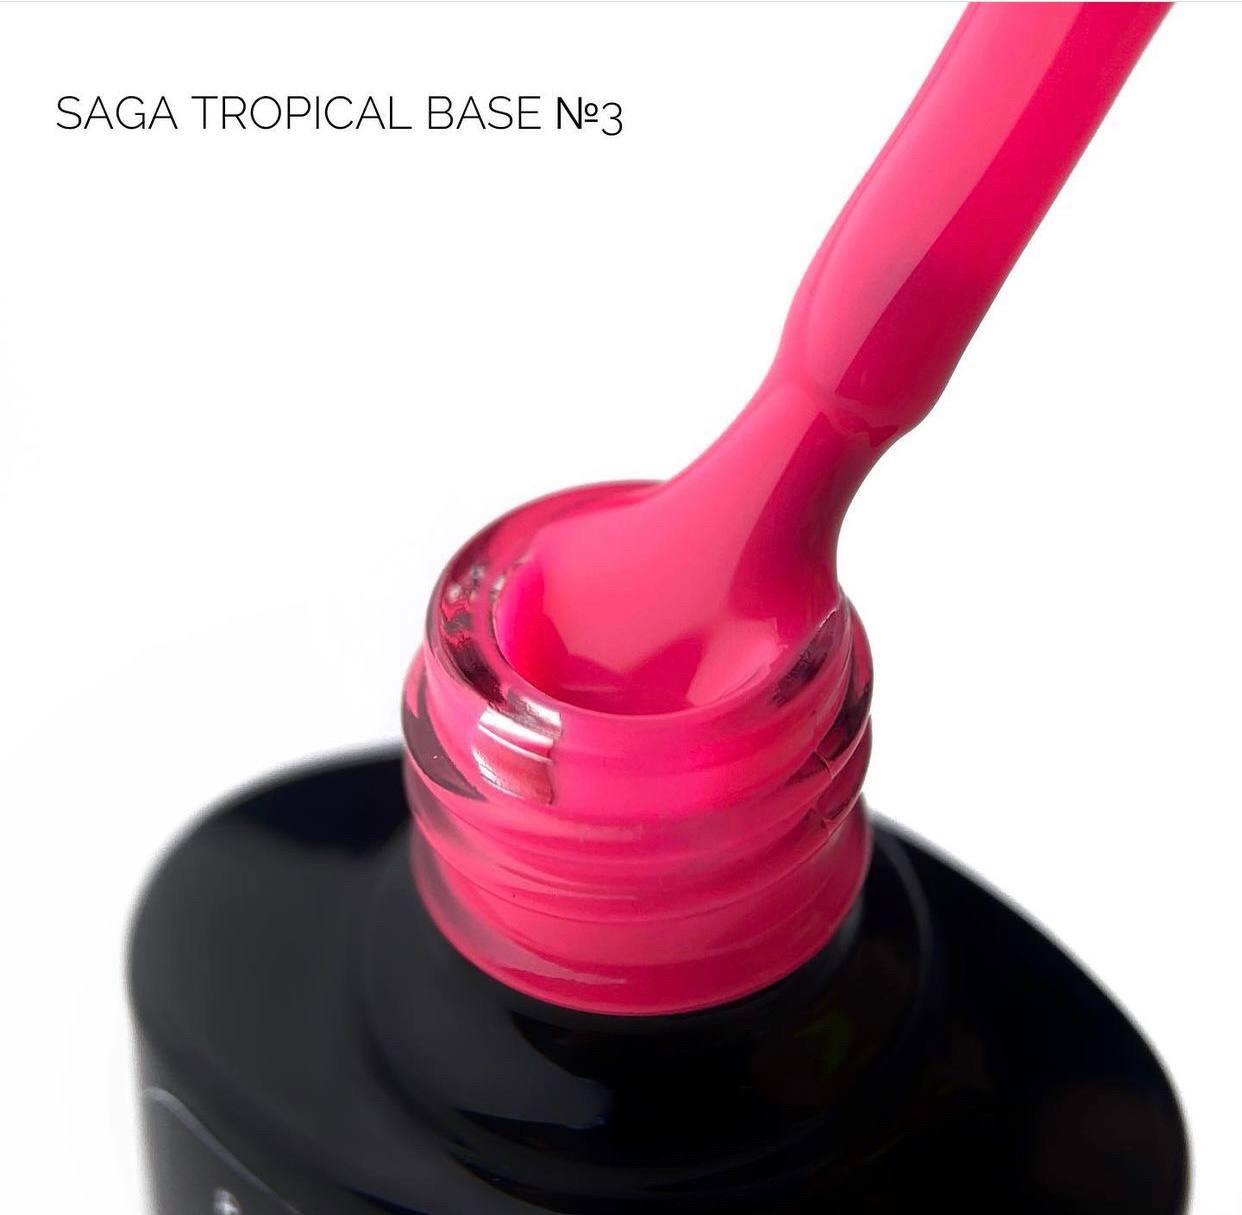 """Цветная база от """"Saga"""", tropical base 03, 8 мл"""